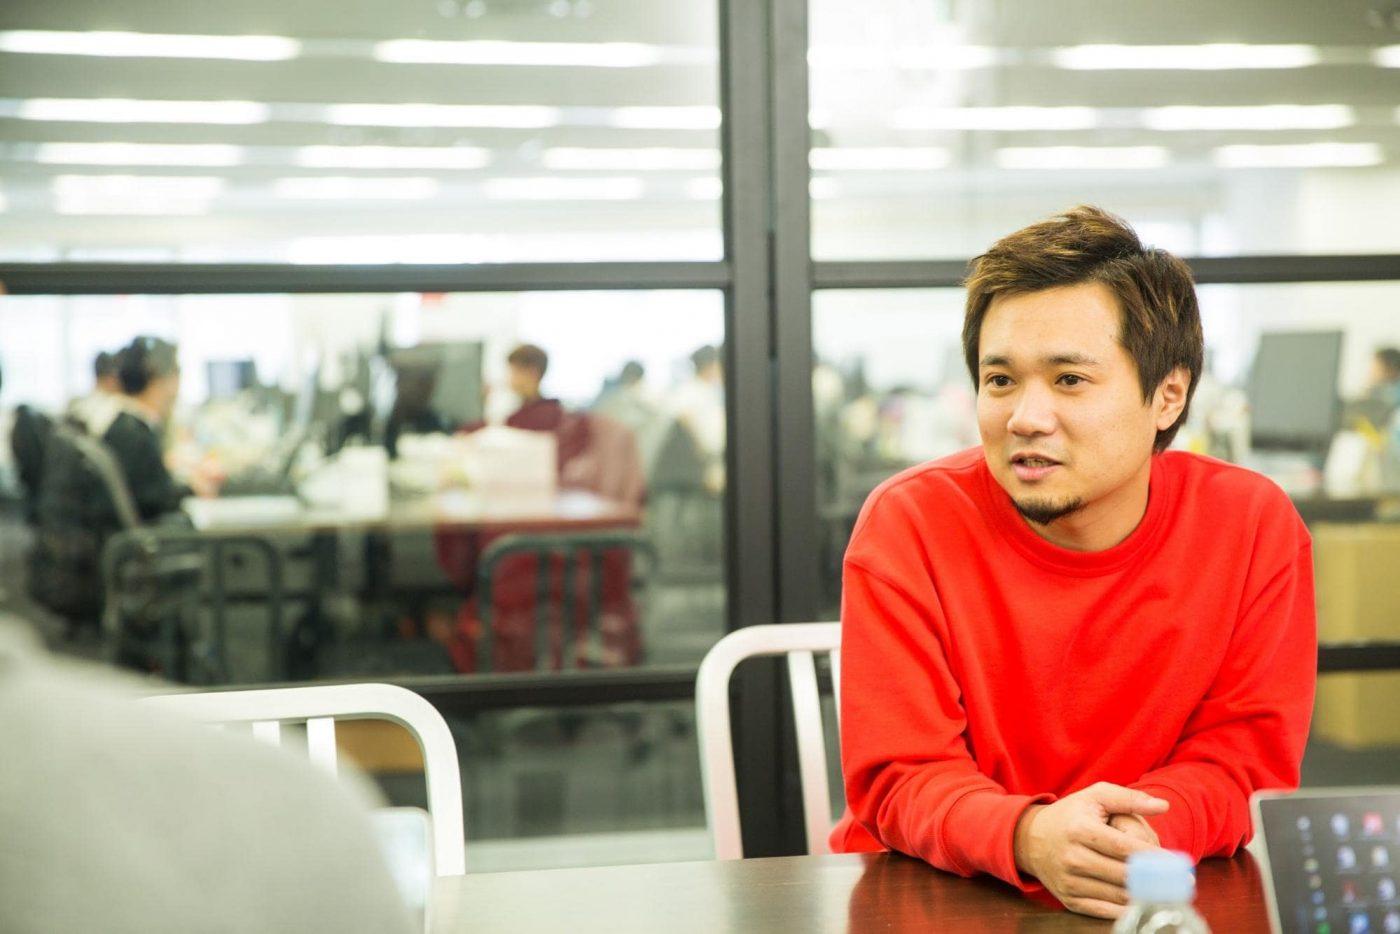 ー光本勇介(みつもと・ゆうすけ) 2008年、最短2分でオンラインストアを作れるサービス『STORES.jp』等を運営する株式会社ブラケットを創業、2013年にZOZOTOWNを運営するスタートトゥデイへ売却。その後スタートトゥデイ社に対しMBOを実施、同月、ブラケット社取締役会長に就任。2017年2月株式会社バンク創業、2017年6月に目の前のアイテムを瞬間的にキャッシュに変えられるアプリ『CASH』をリリース。2017年10月に株式会社バンクをDMM.comへ売却。2018年6月にあと払い専門の旅行代理店アプリ『TRAVEL Now(トラベルナウ)』をリリース。2018年11月にDMM.com社に対しMBOを実施し、現在に至る。